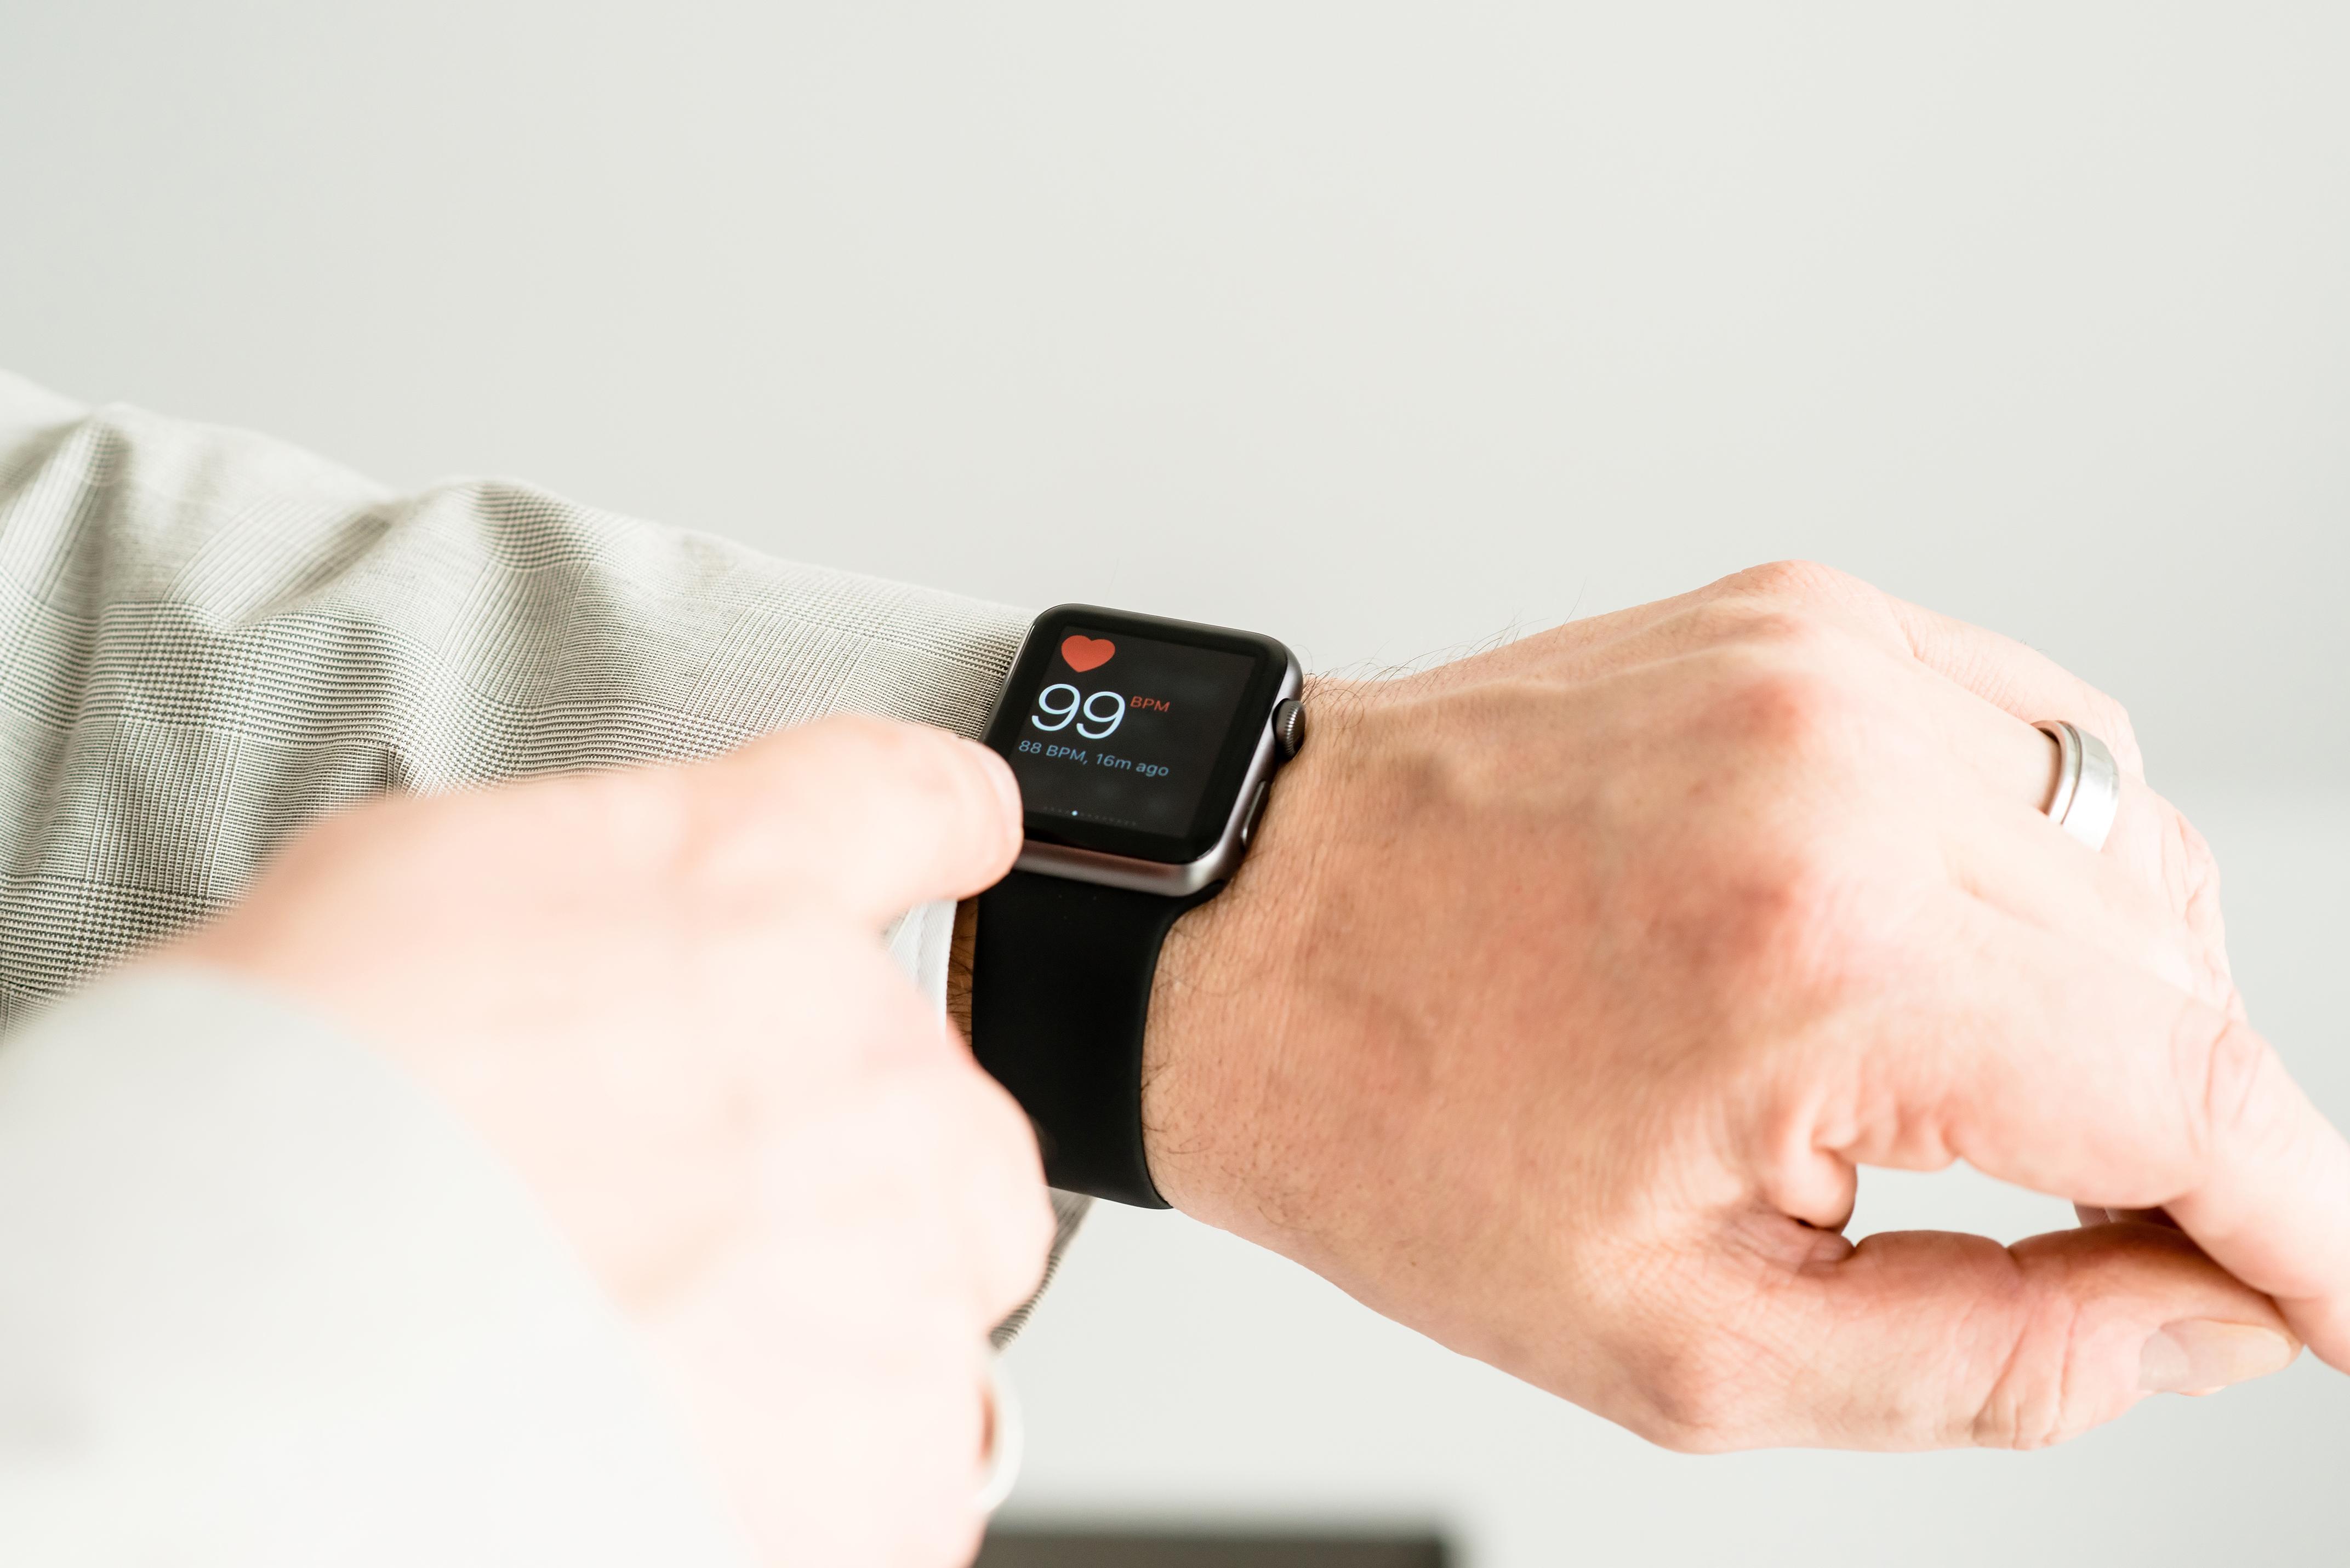 Den tolfte september förväntas Apple släppa en ny version av Watch som ryktas ha bättre möjligheter att bland annat upptäcka oregelbunden hjärtrytm.